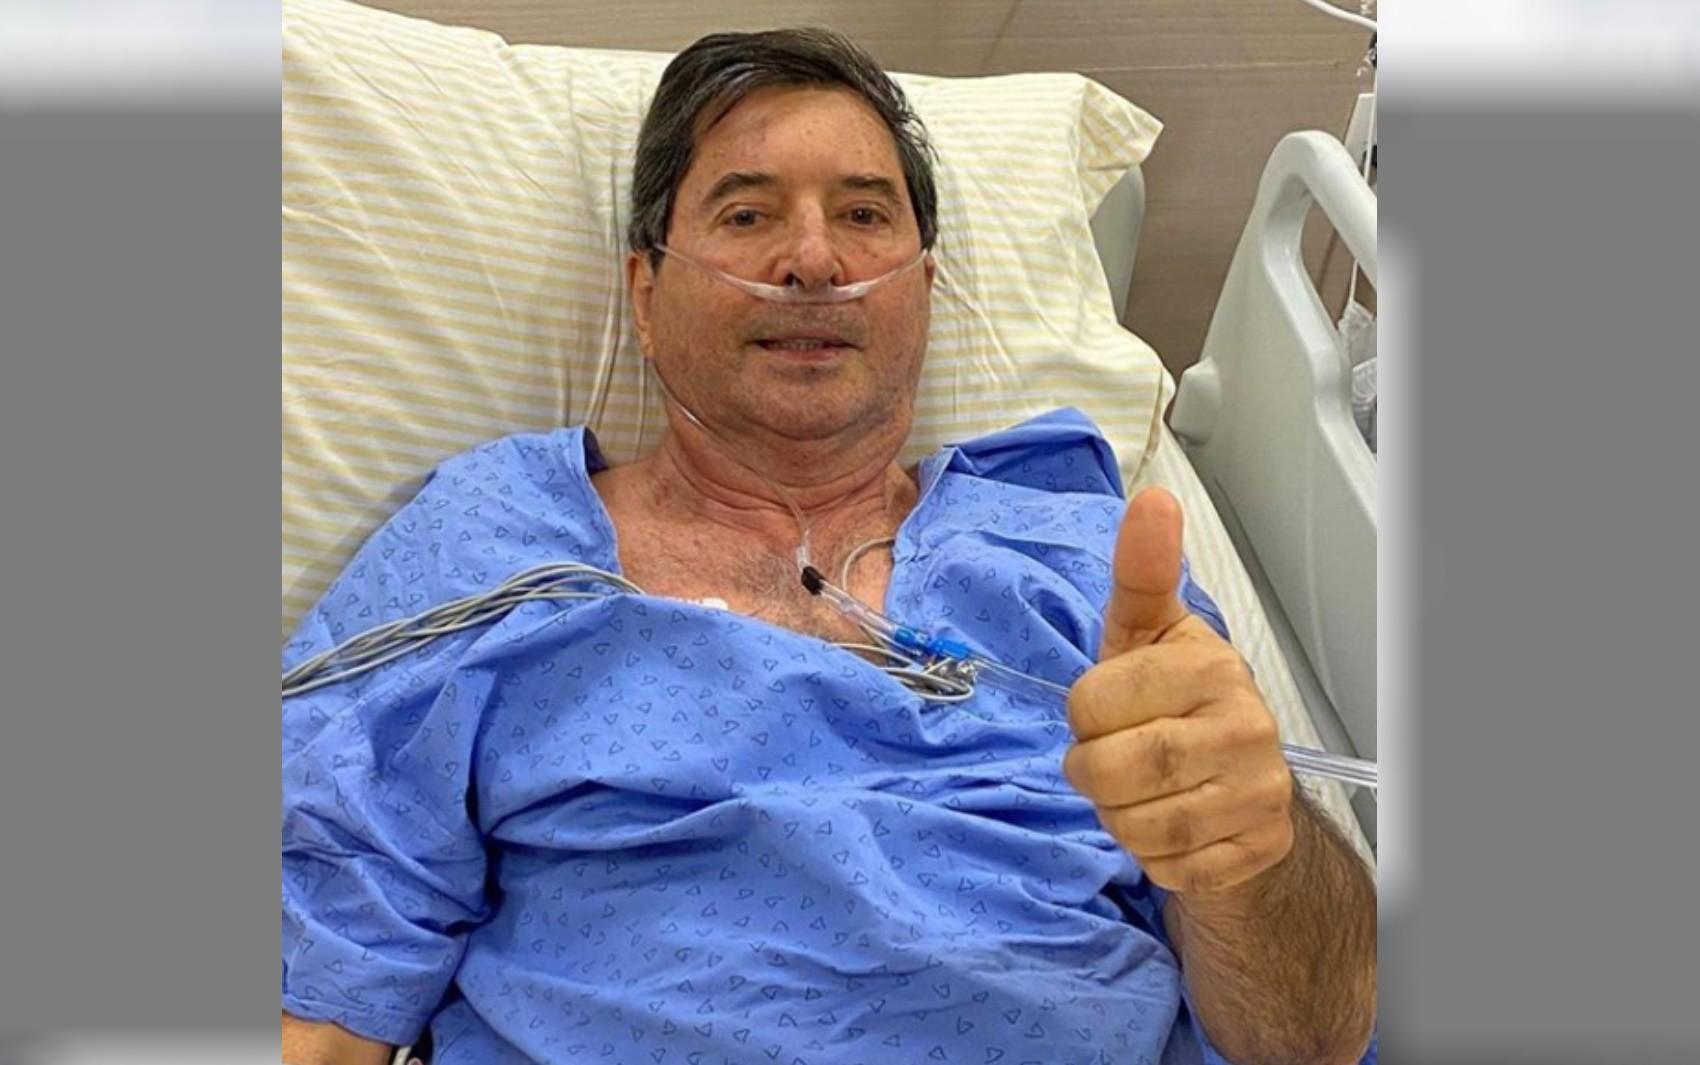 Maguito Vilela é entubado no hospital Albert Einstein após piora no quadro respiratório durante tratamento contra o coronavírus